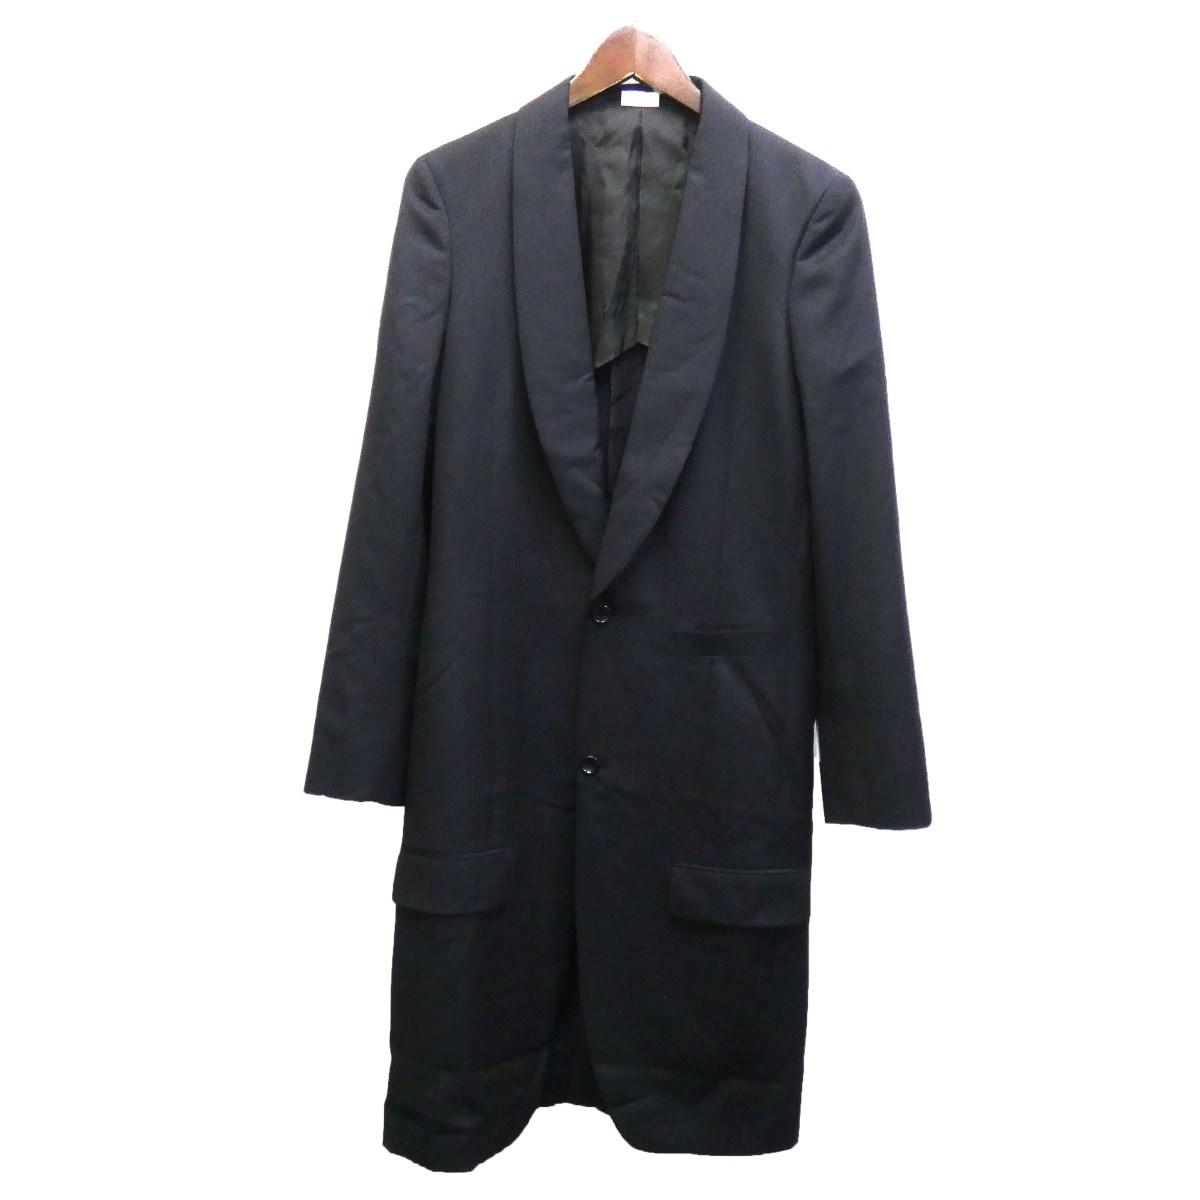 【中古】COMME des GARCONS HOMME PLUS 19AW ロングジャケット ネイビー サイズ:XS 【040320】(コムデギャルソンオムプリュス)